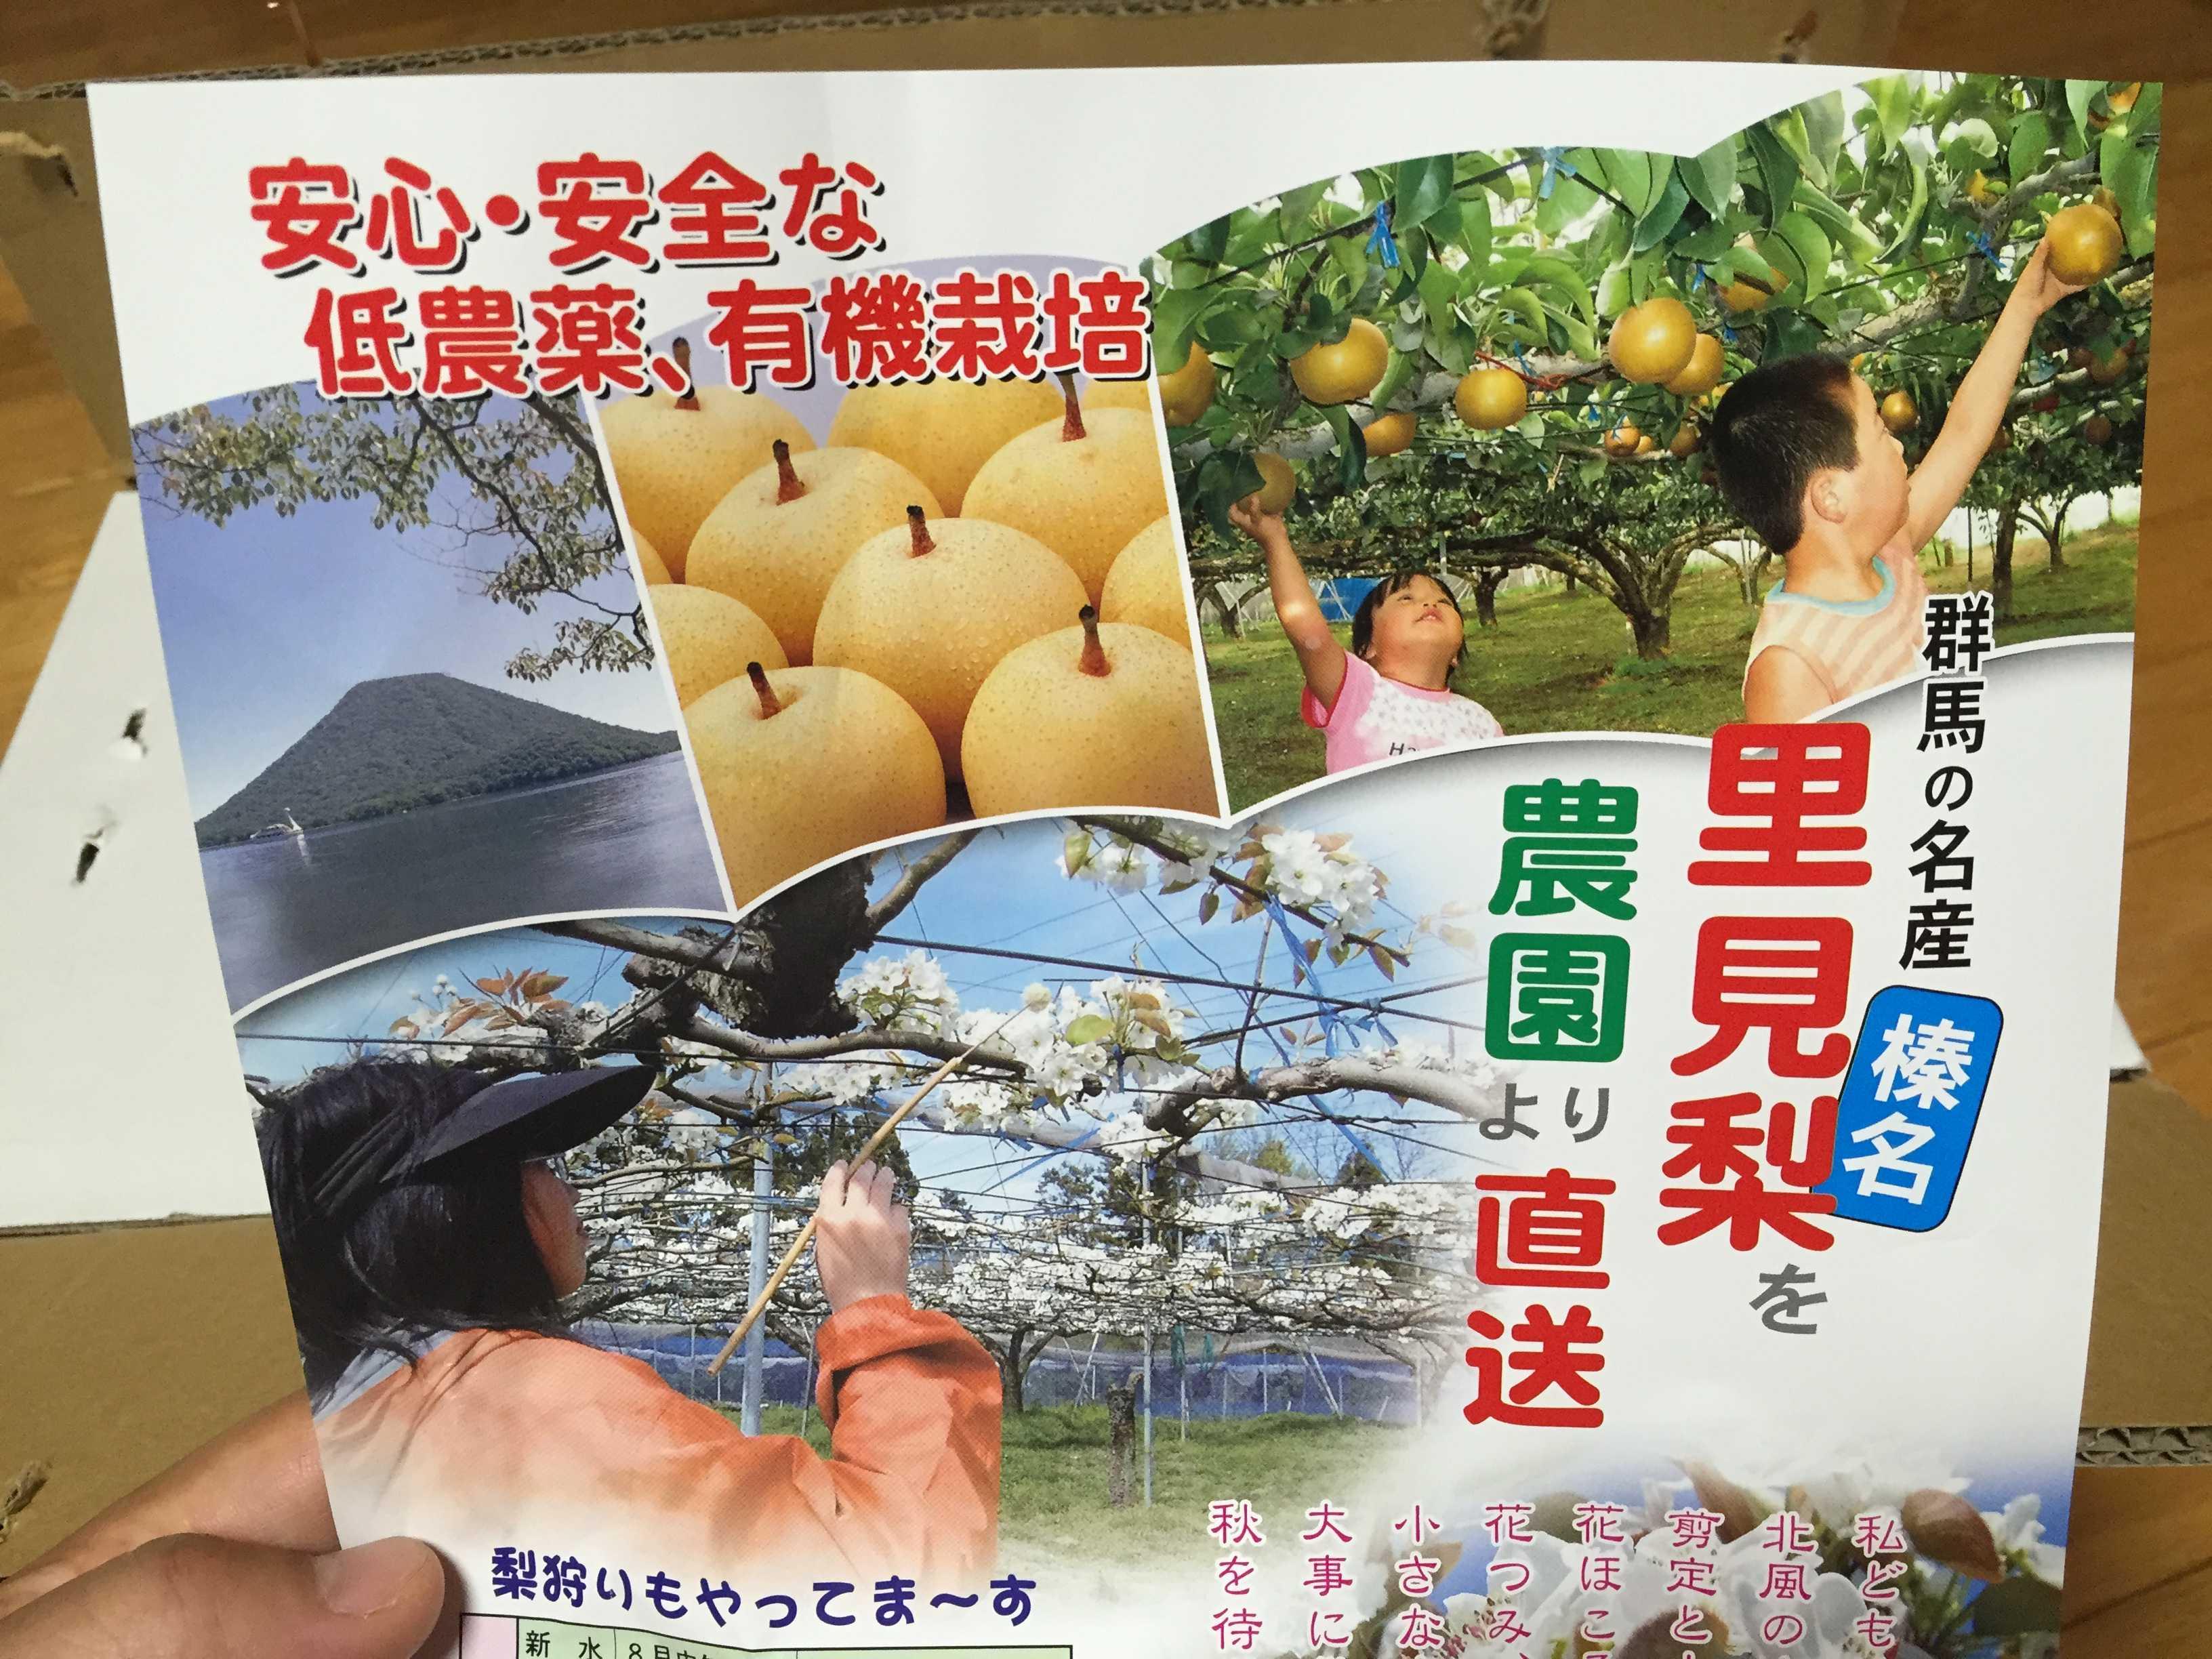 群馬の名産 榛名里見梨を農園より直送 安心・安全な低農薬、有機栽培